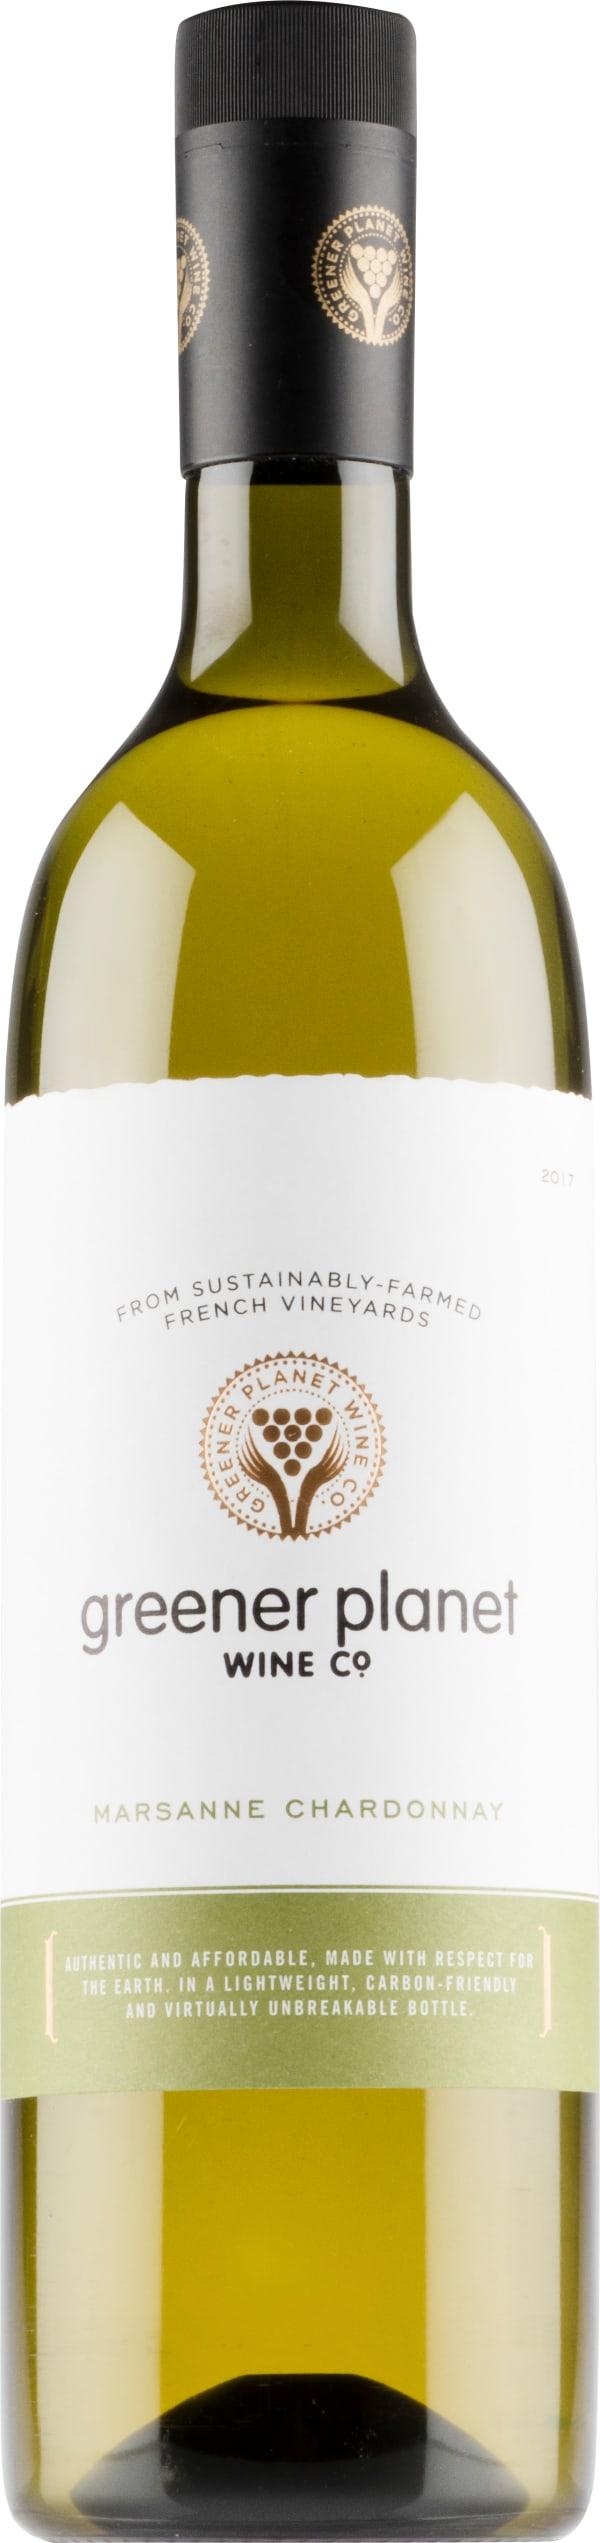 Greener Planet Marsanne Chardonnay 2019 plastic bottle